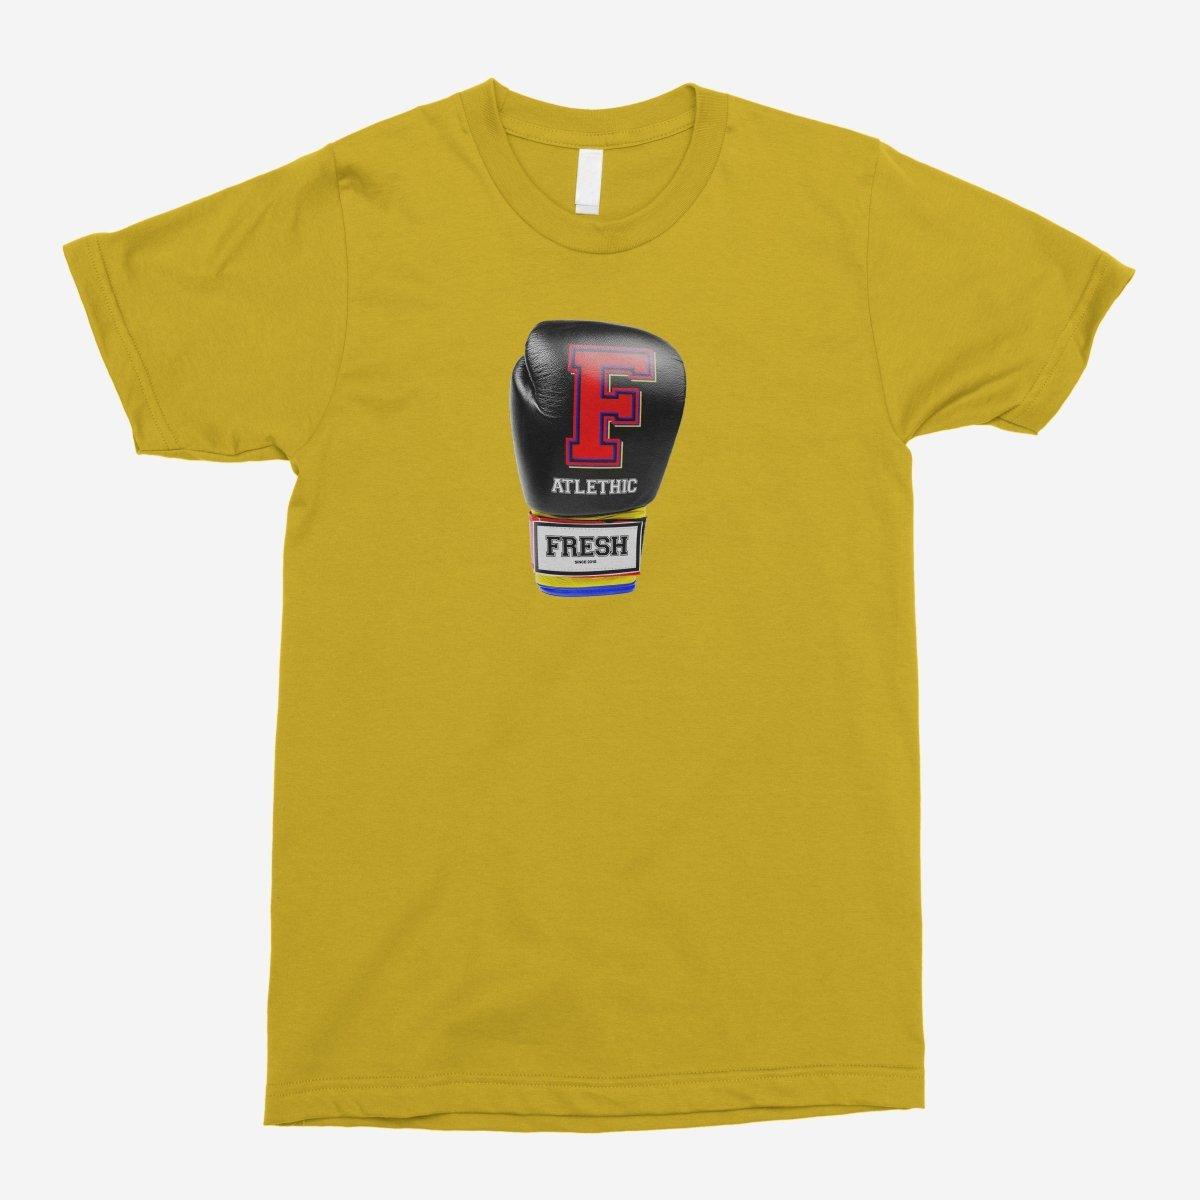 Fresh Athletic Boxing Glove Unisex T-Shirt